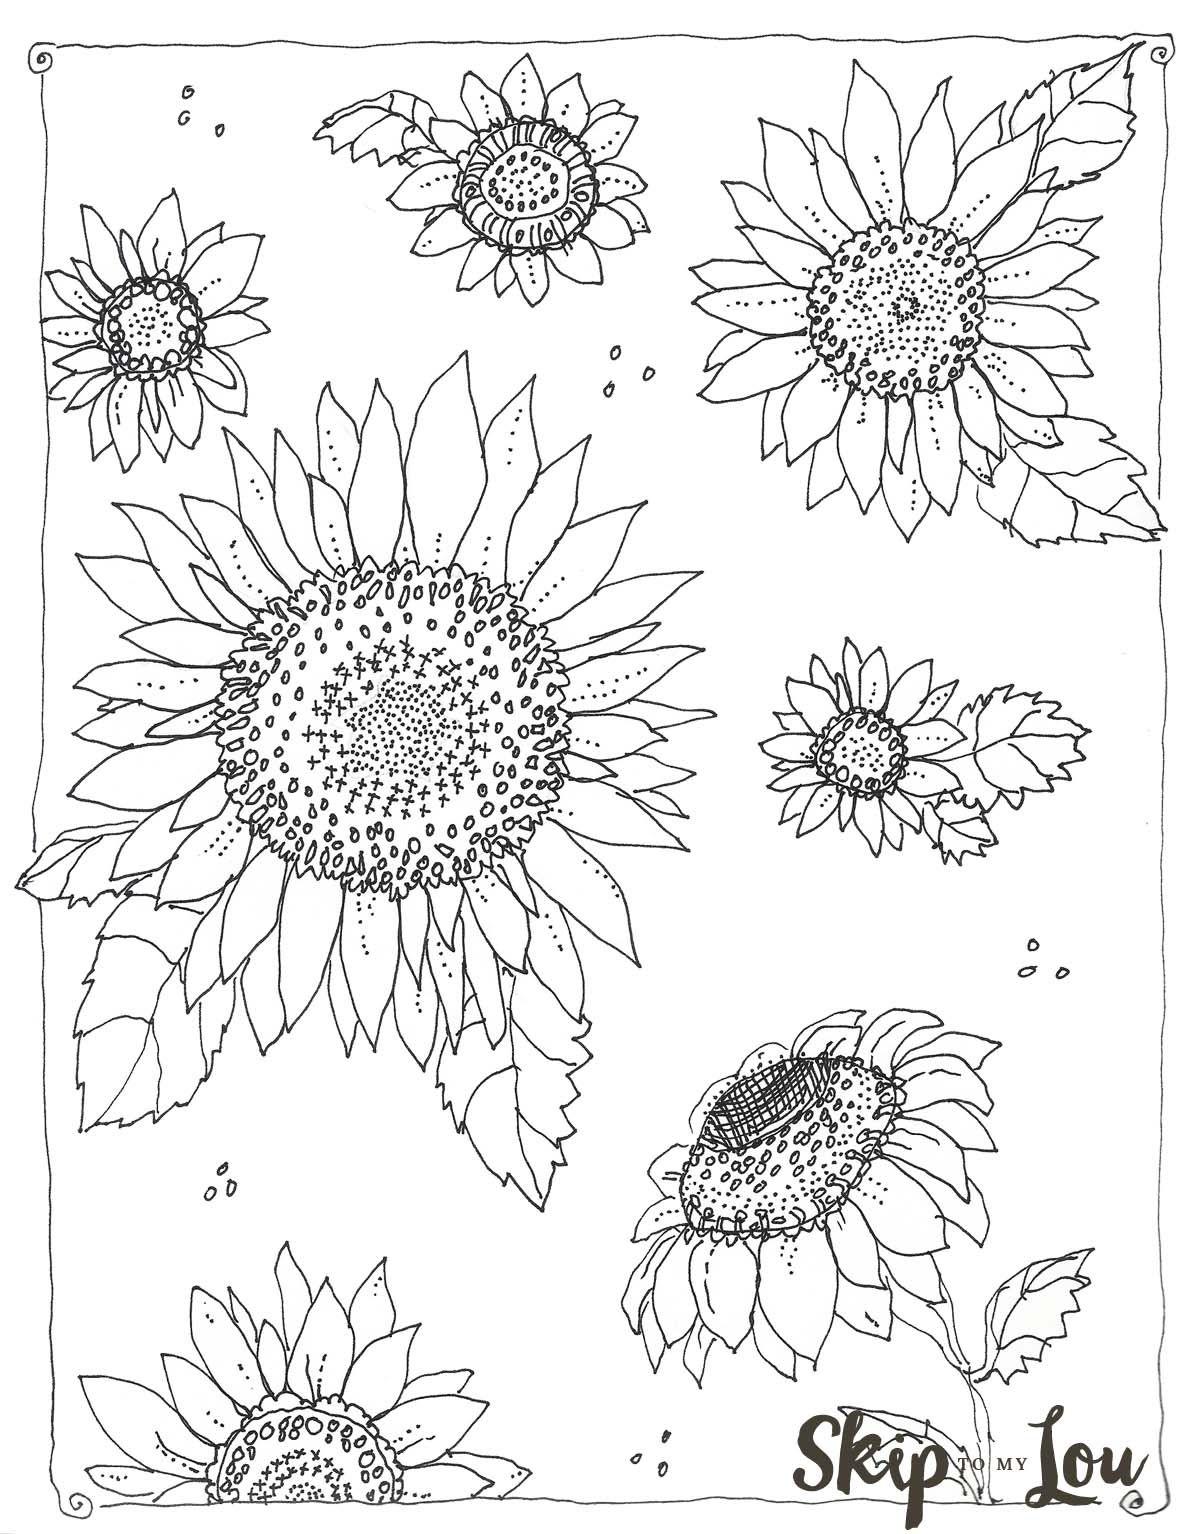 Tranh tô màu hoa hướng dương đơn giản mà đẹp cho bé